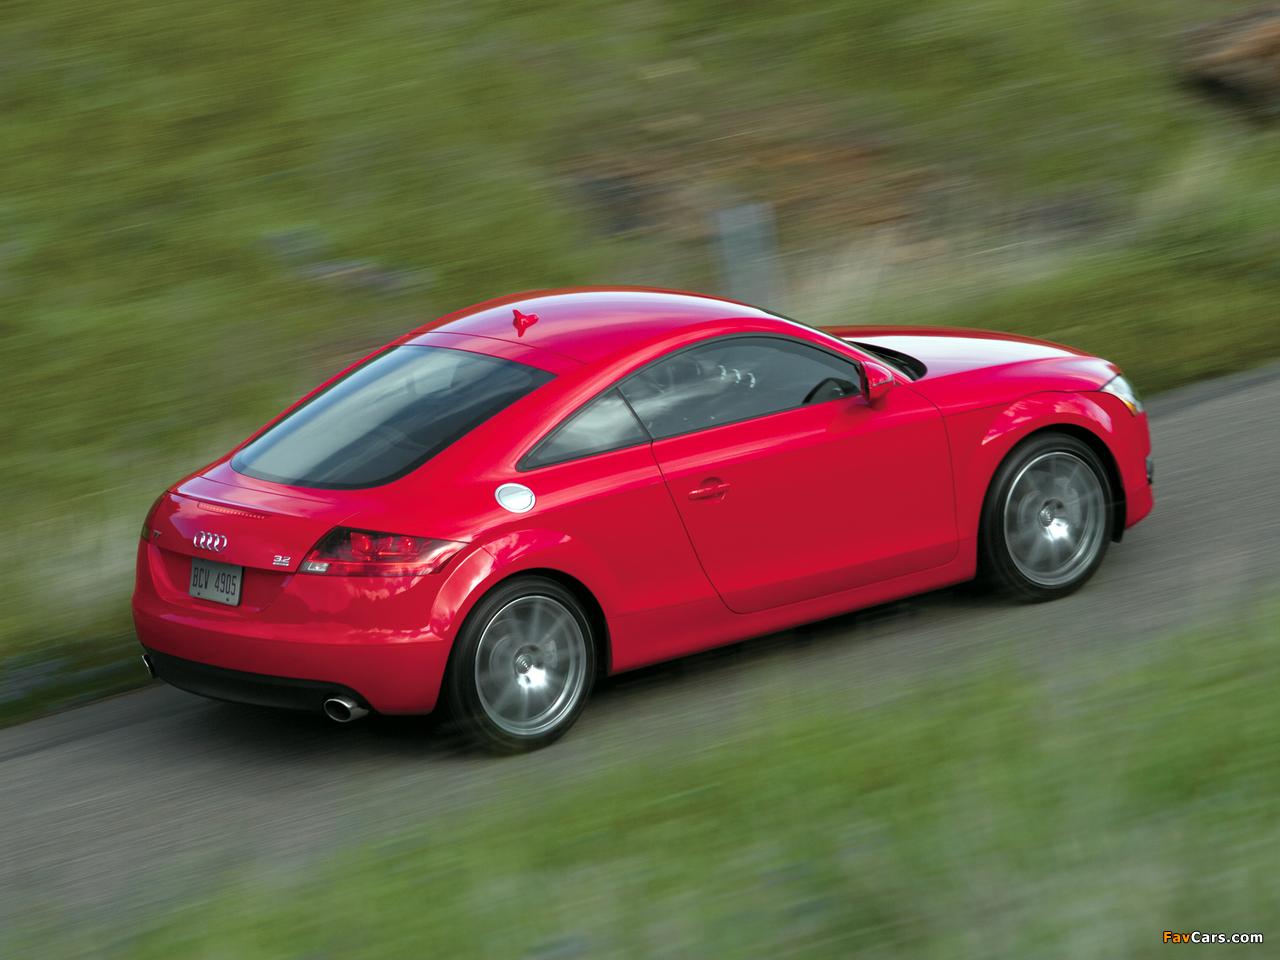 Images of Audi TT Coupe US-spec (8J) 2006-10 (1280x960)